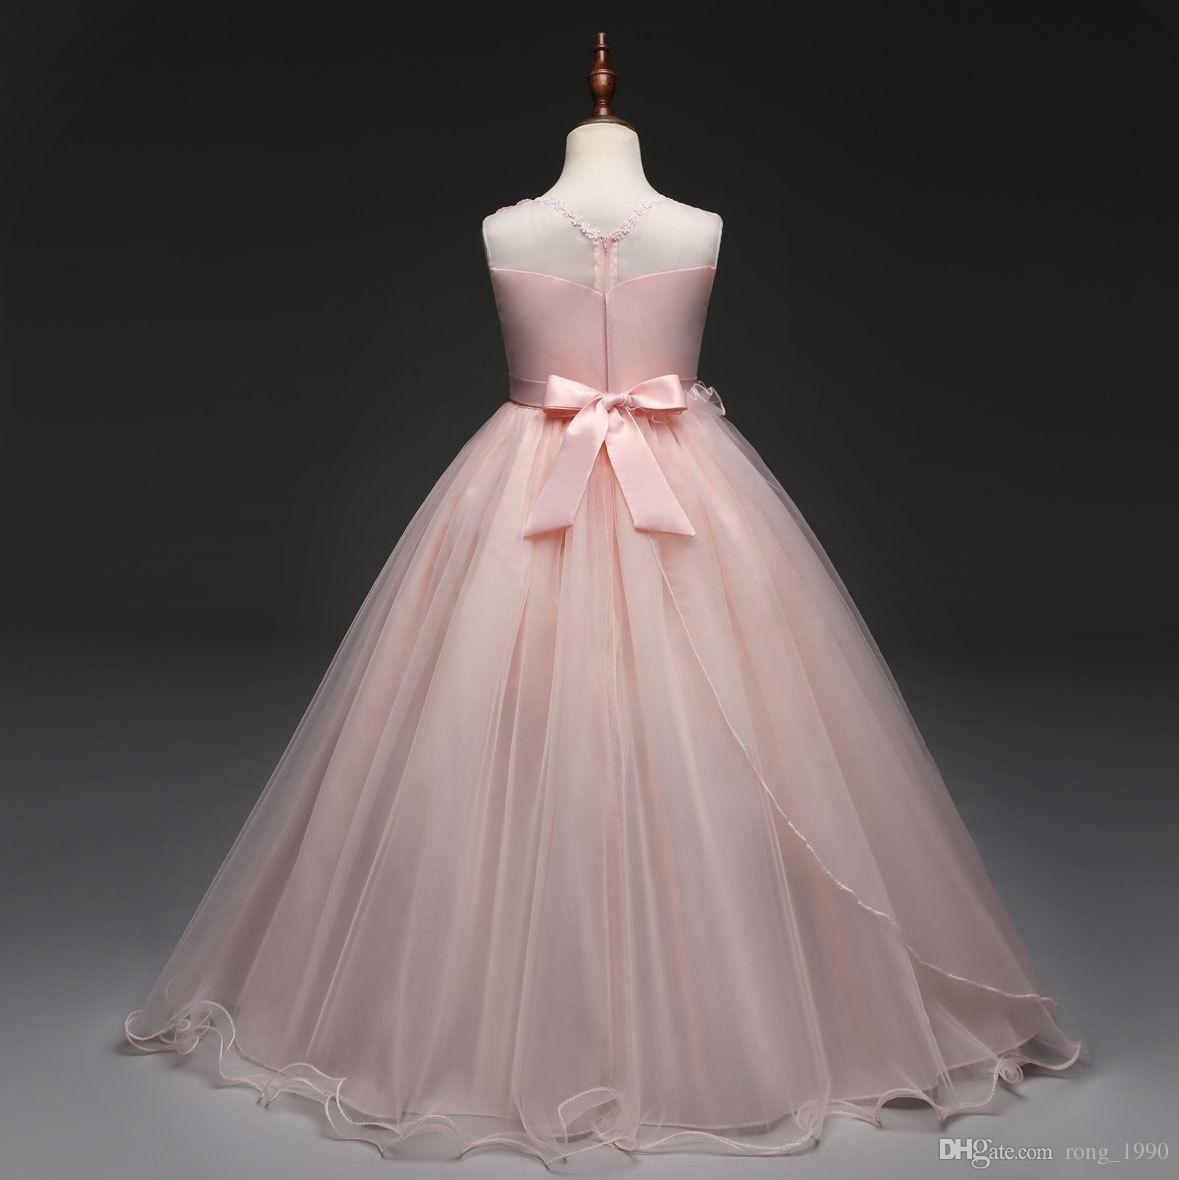 Genial Kleid Hochzeit Grün Vertrieb20 Elegant Kleid Hochzeit Grün Ärmel